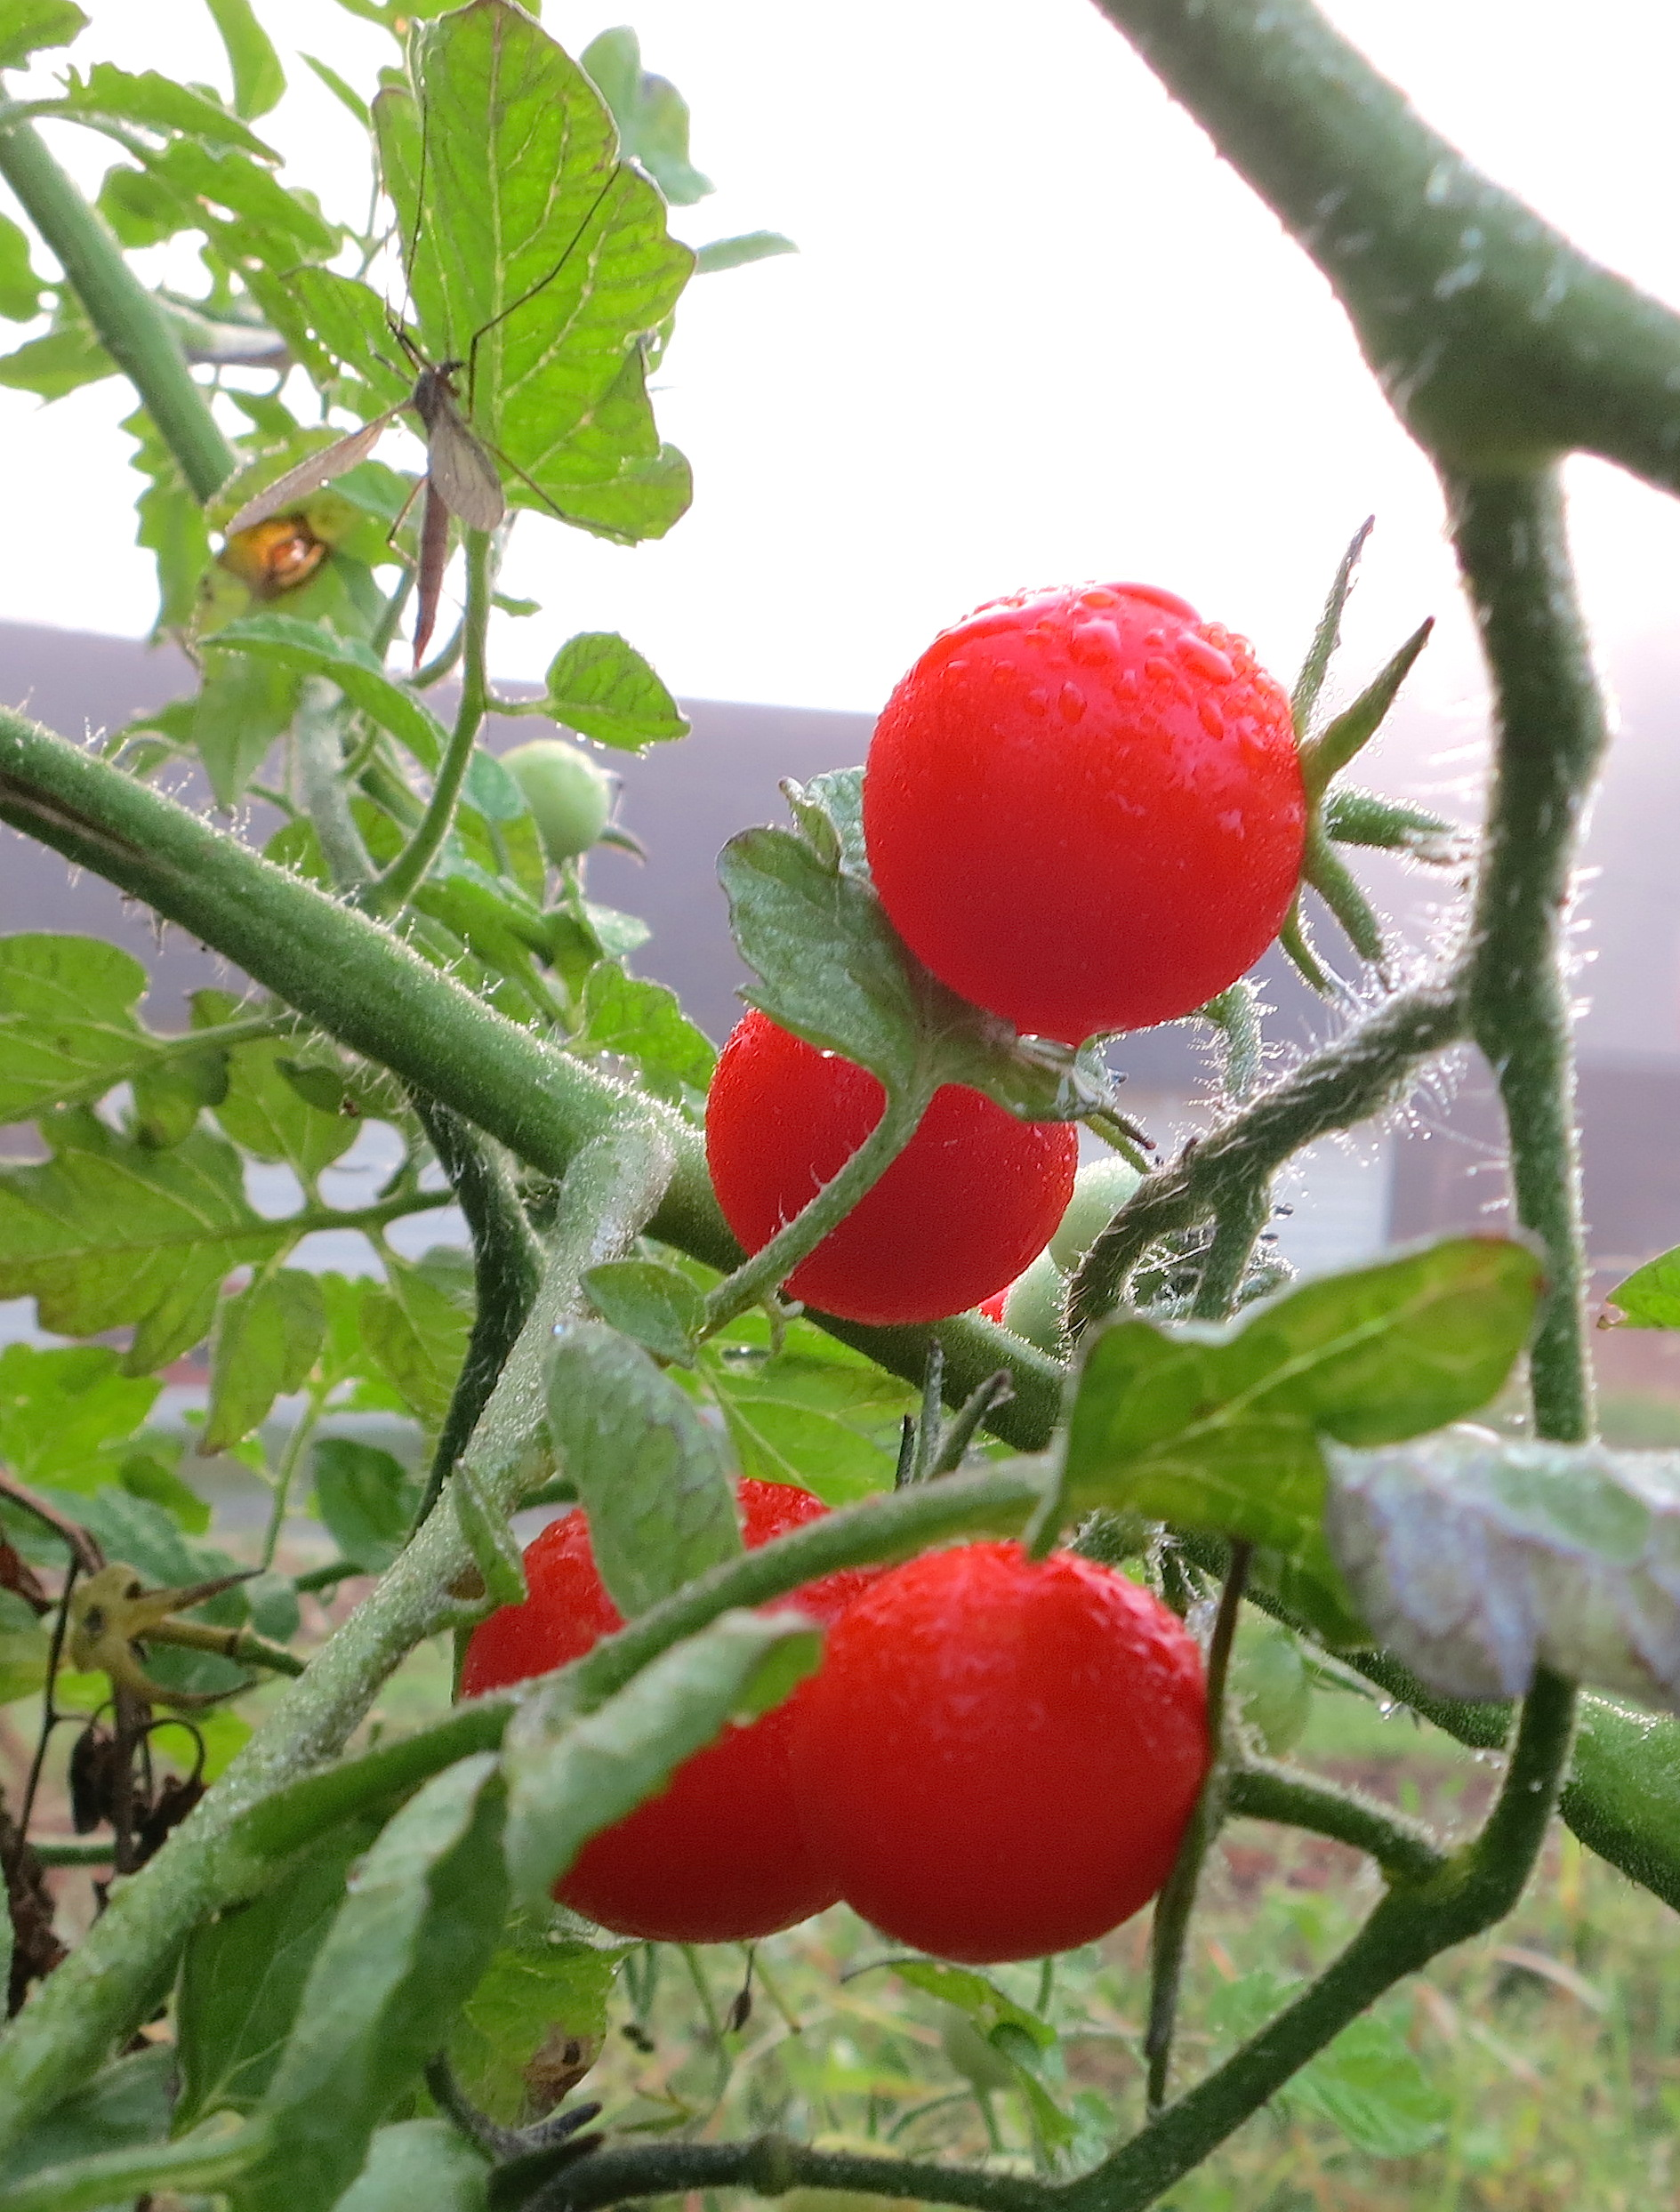 tomatobug